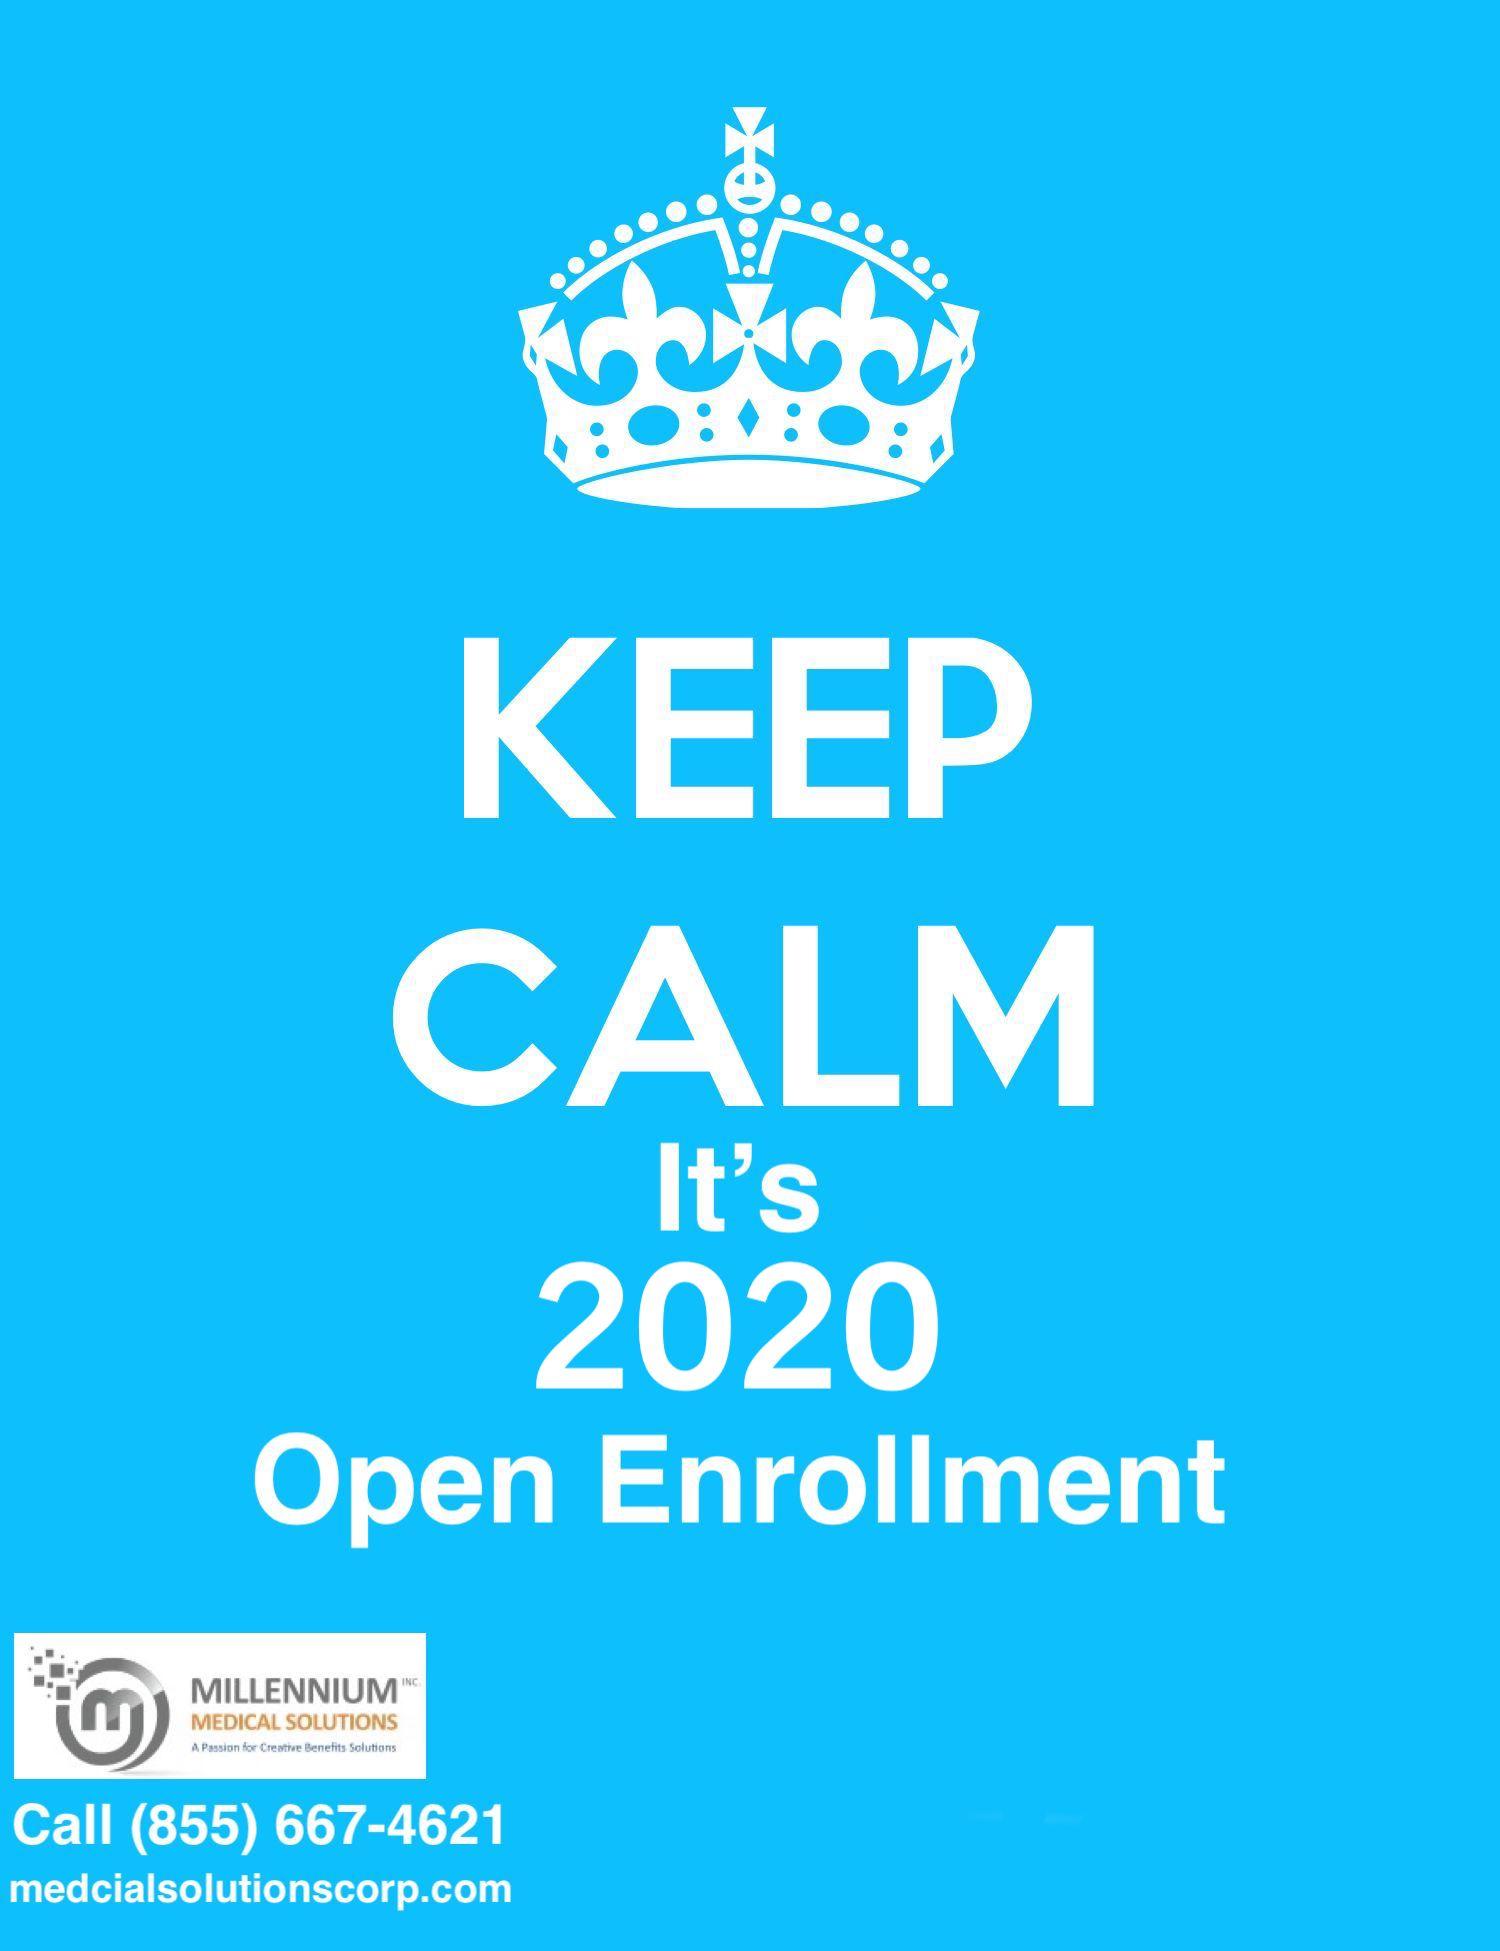 2020 Open Enrollment Keep Calm